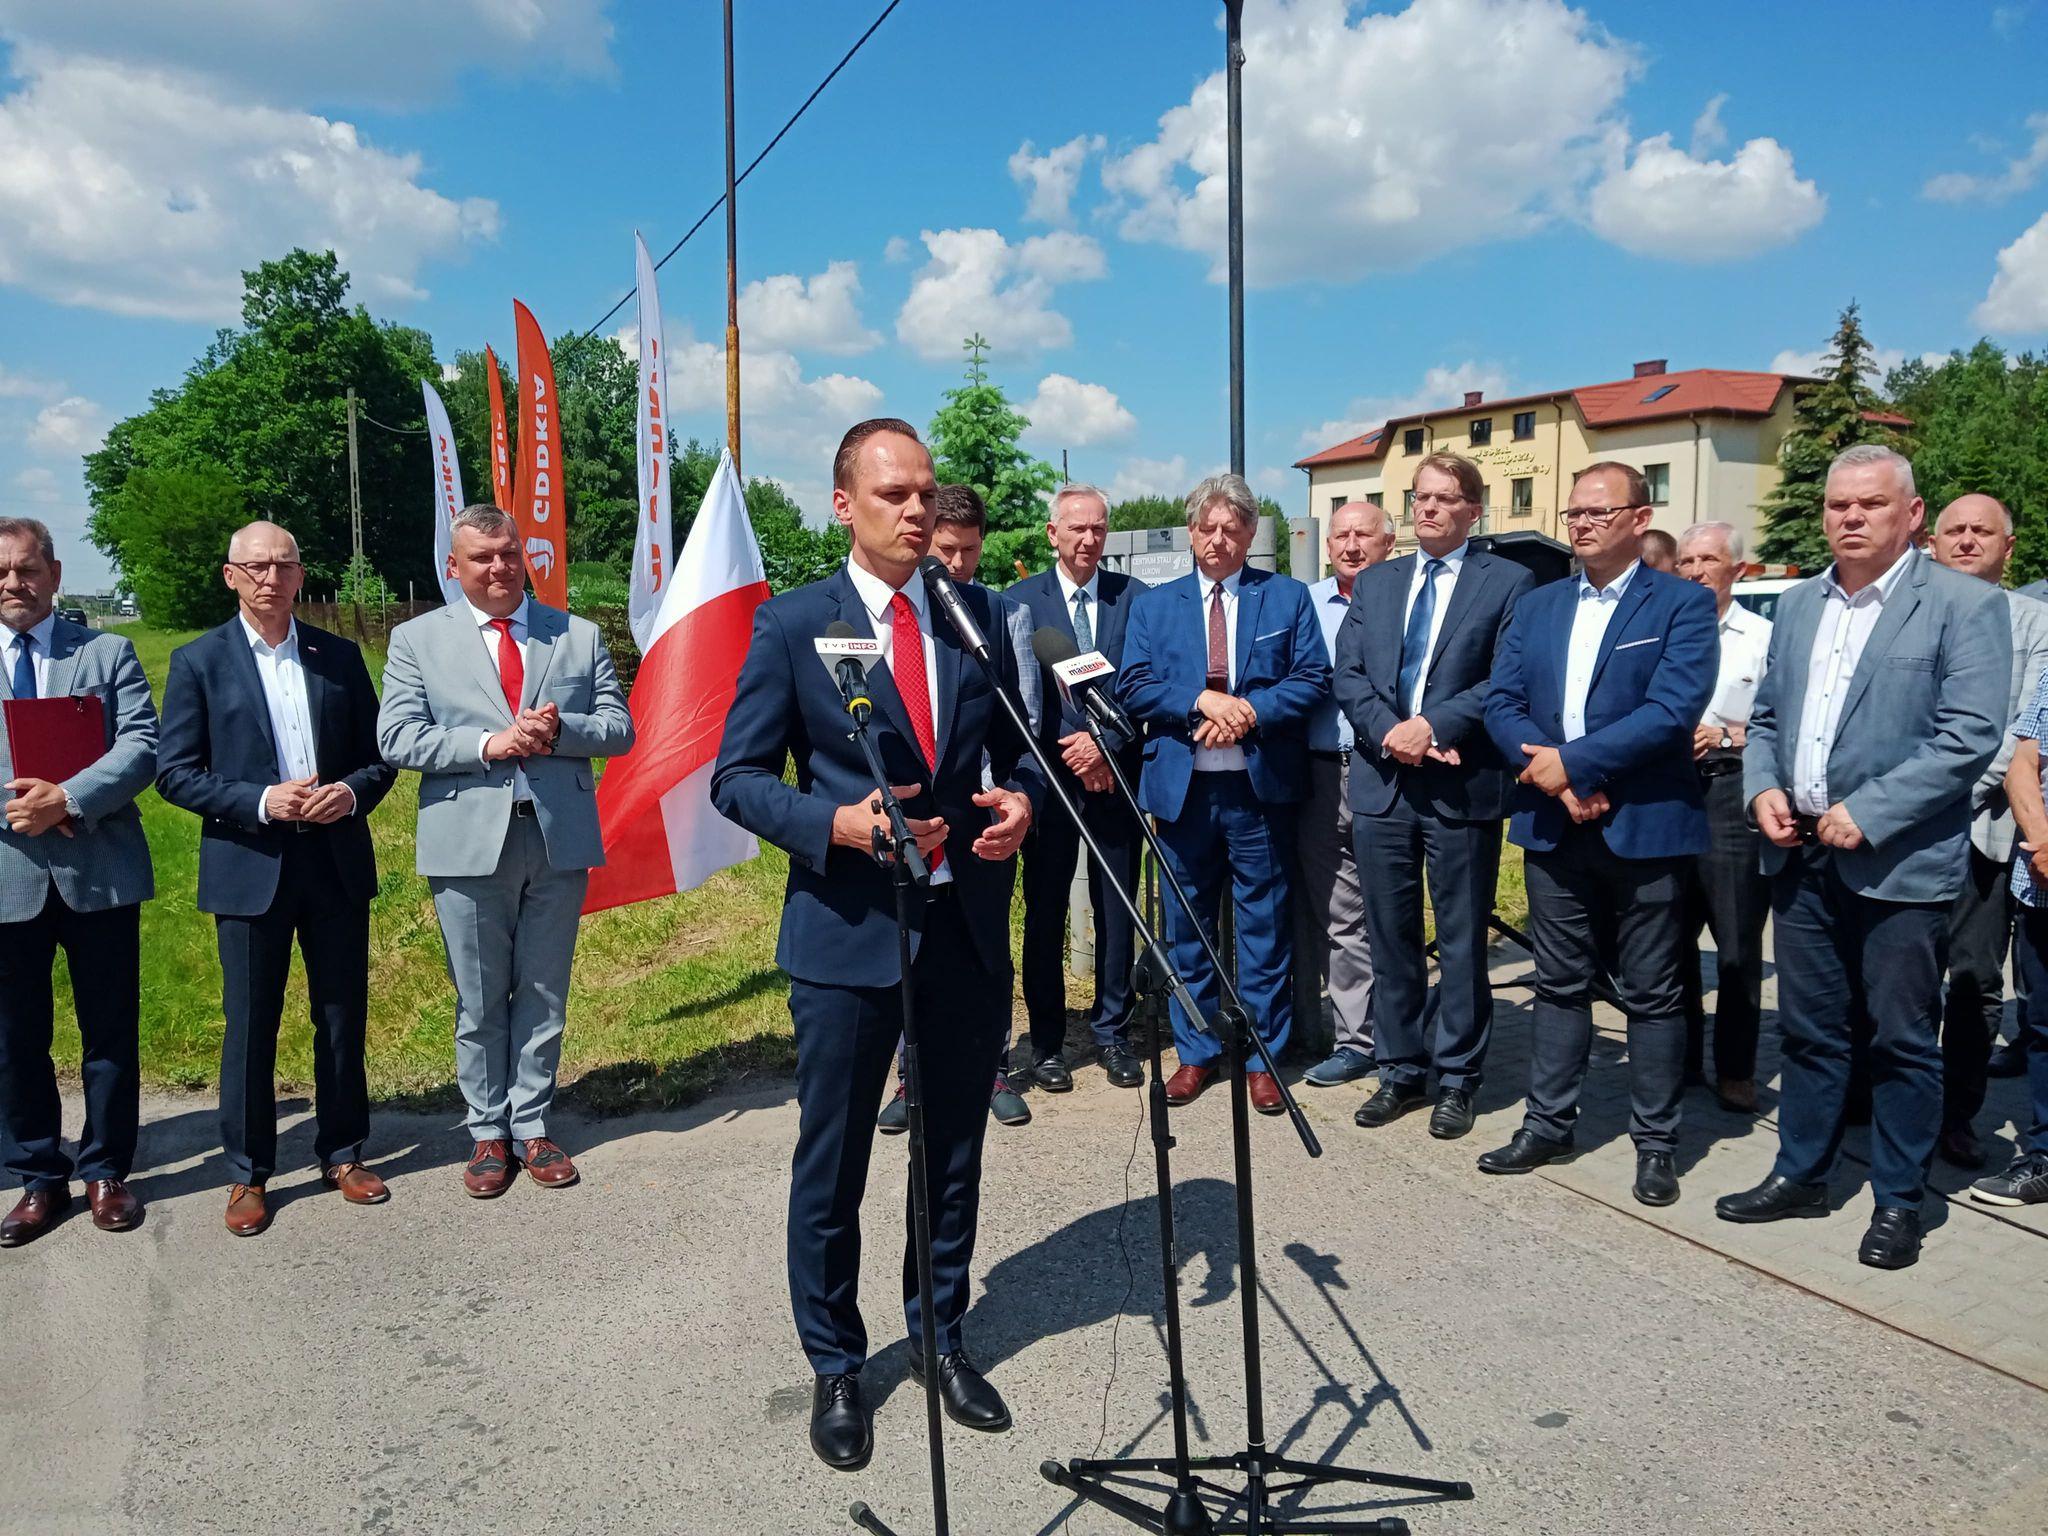 ŁUKÓW. Duża obwodnica staje się faktem. Są zapewnienia ministra (WIDEO) - Zdjęcie główne